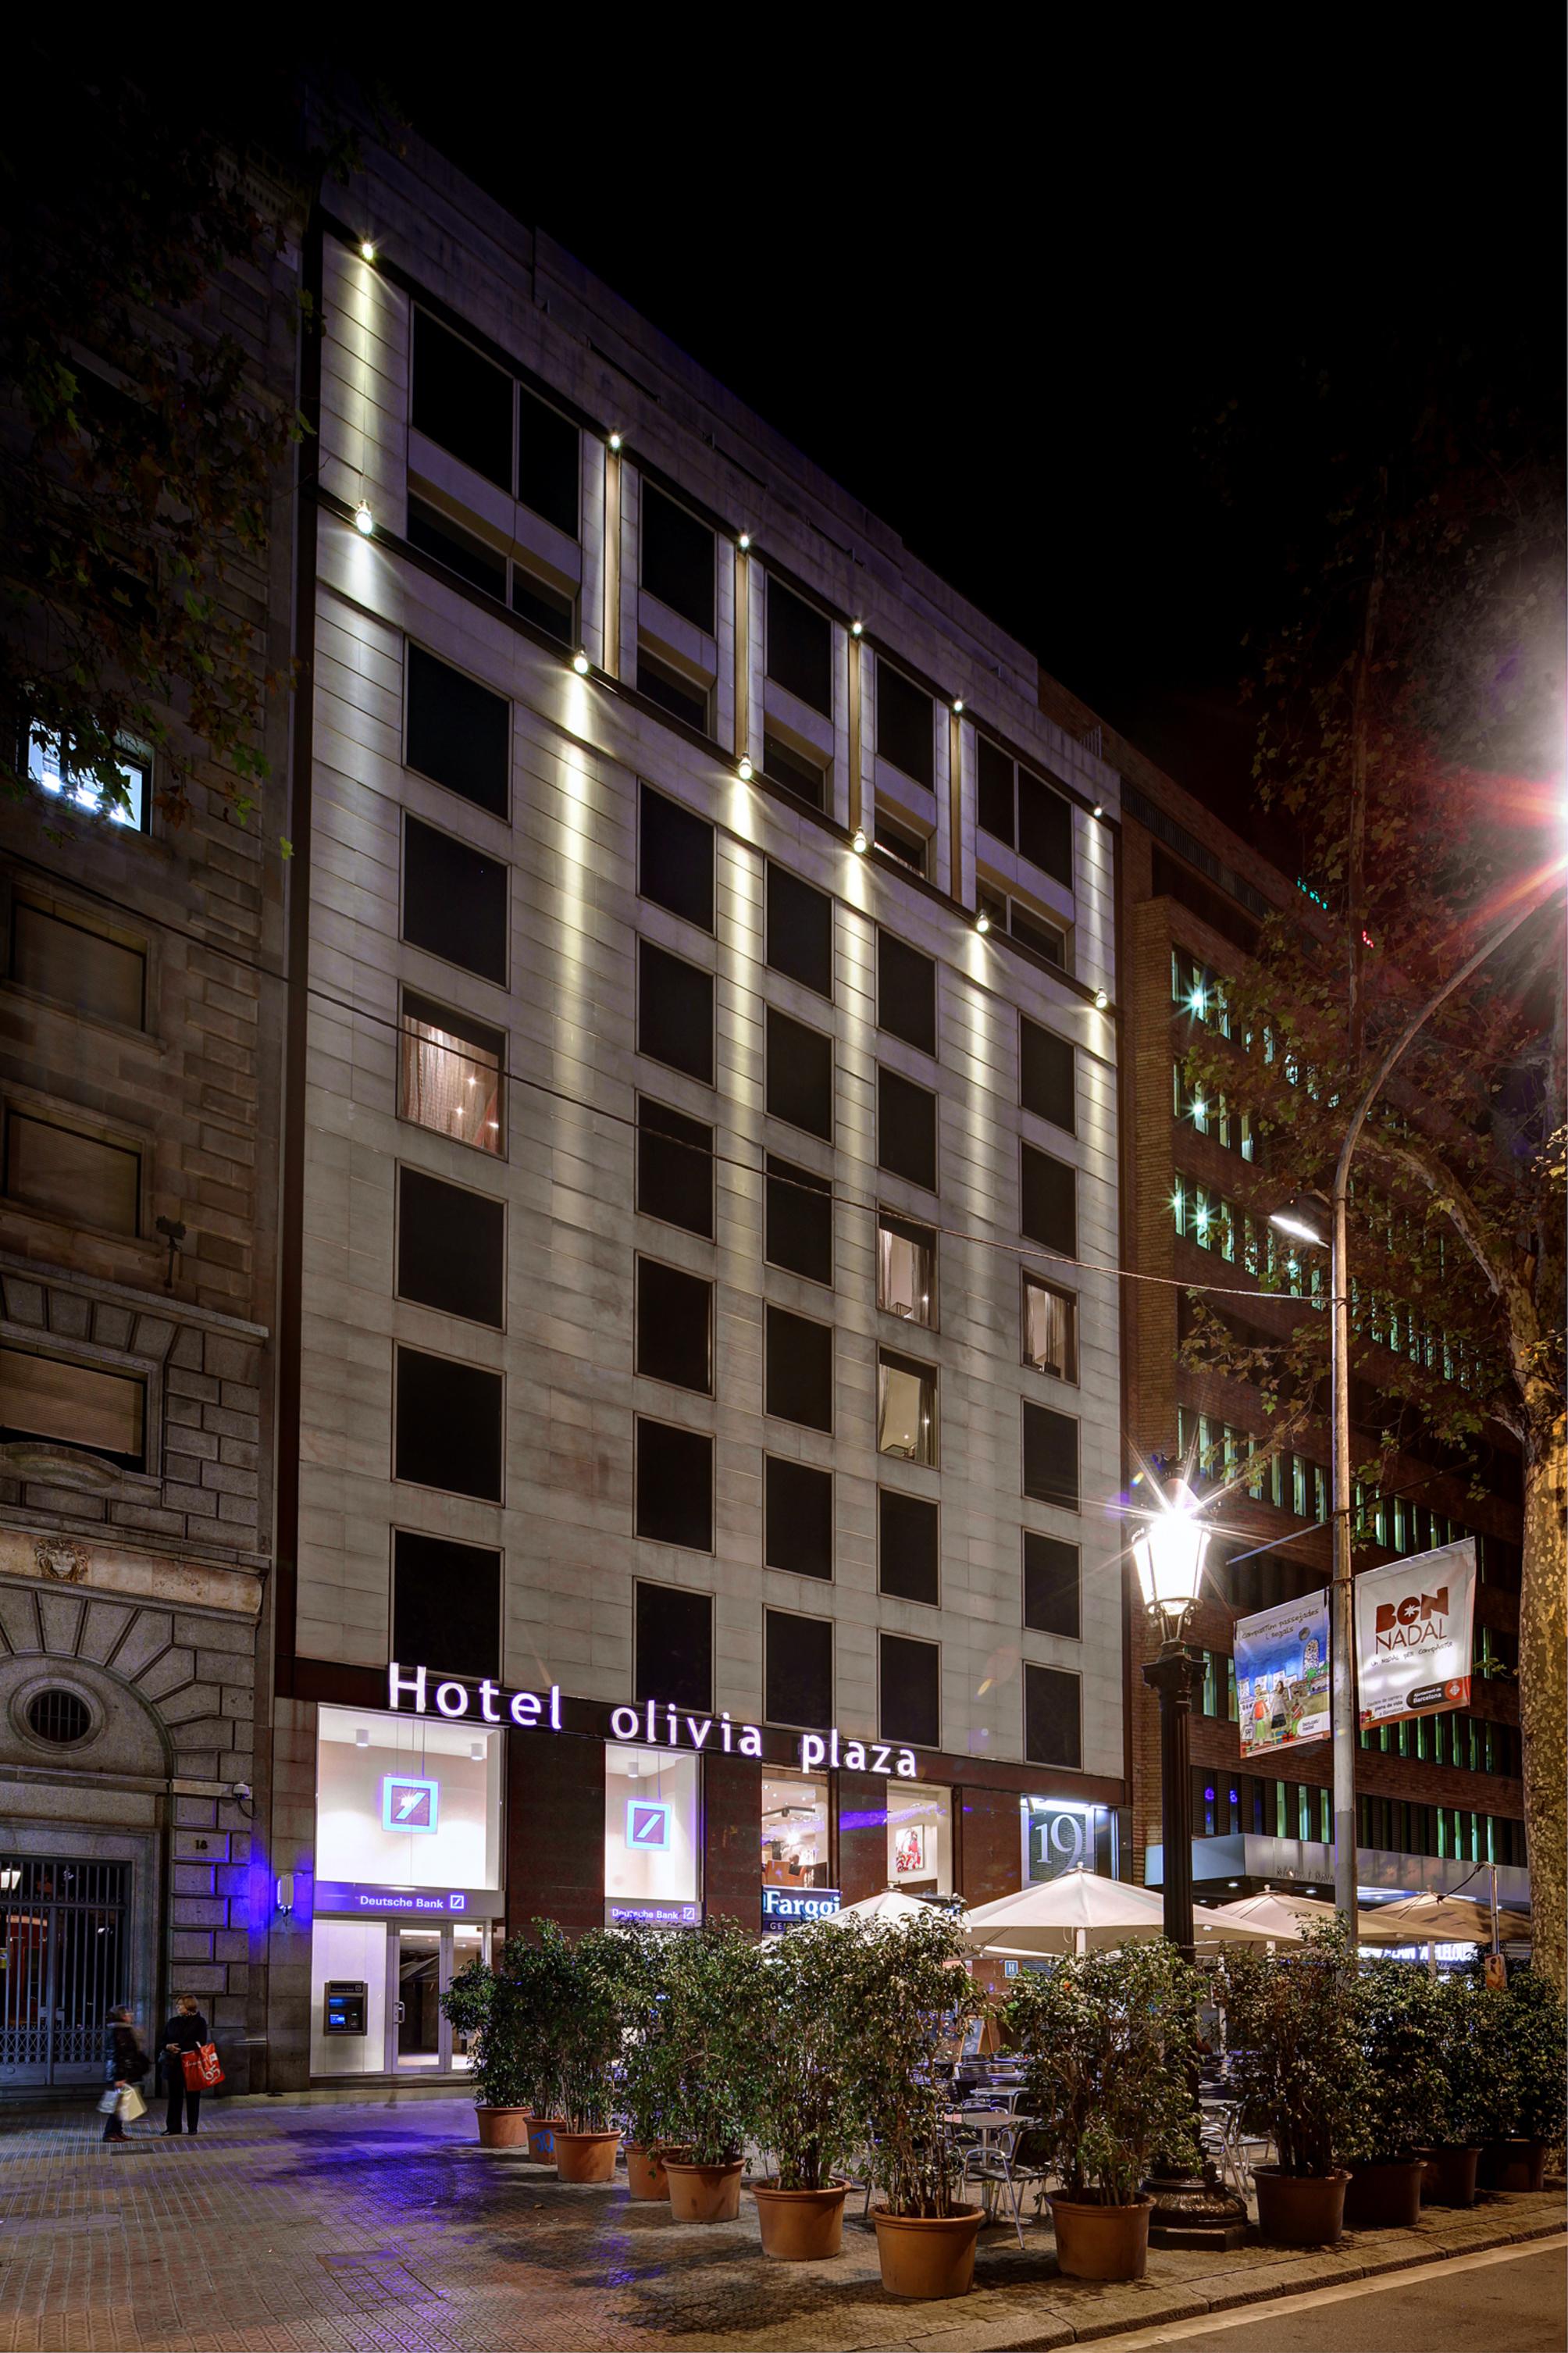 Hotel olivia plaza a barcellona da 147 volagratis for Migliori hotel barcellona